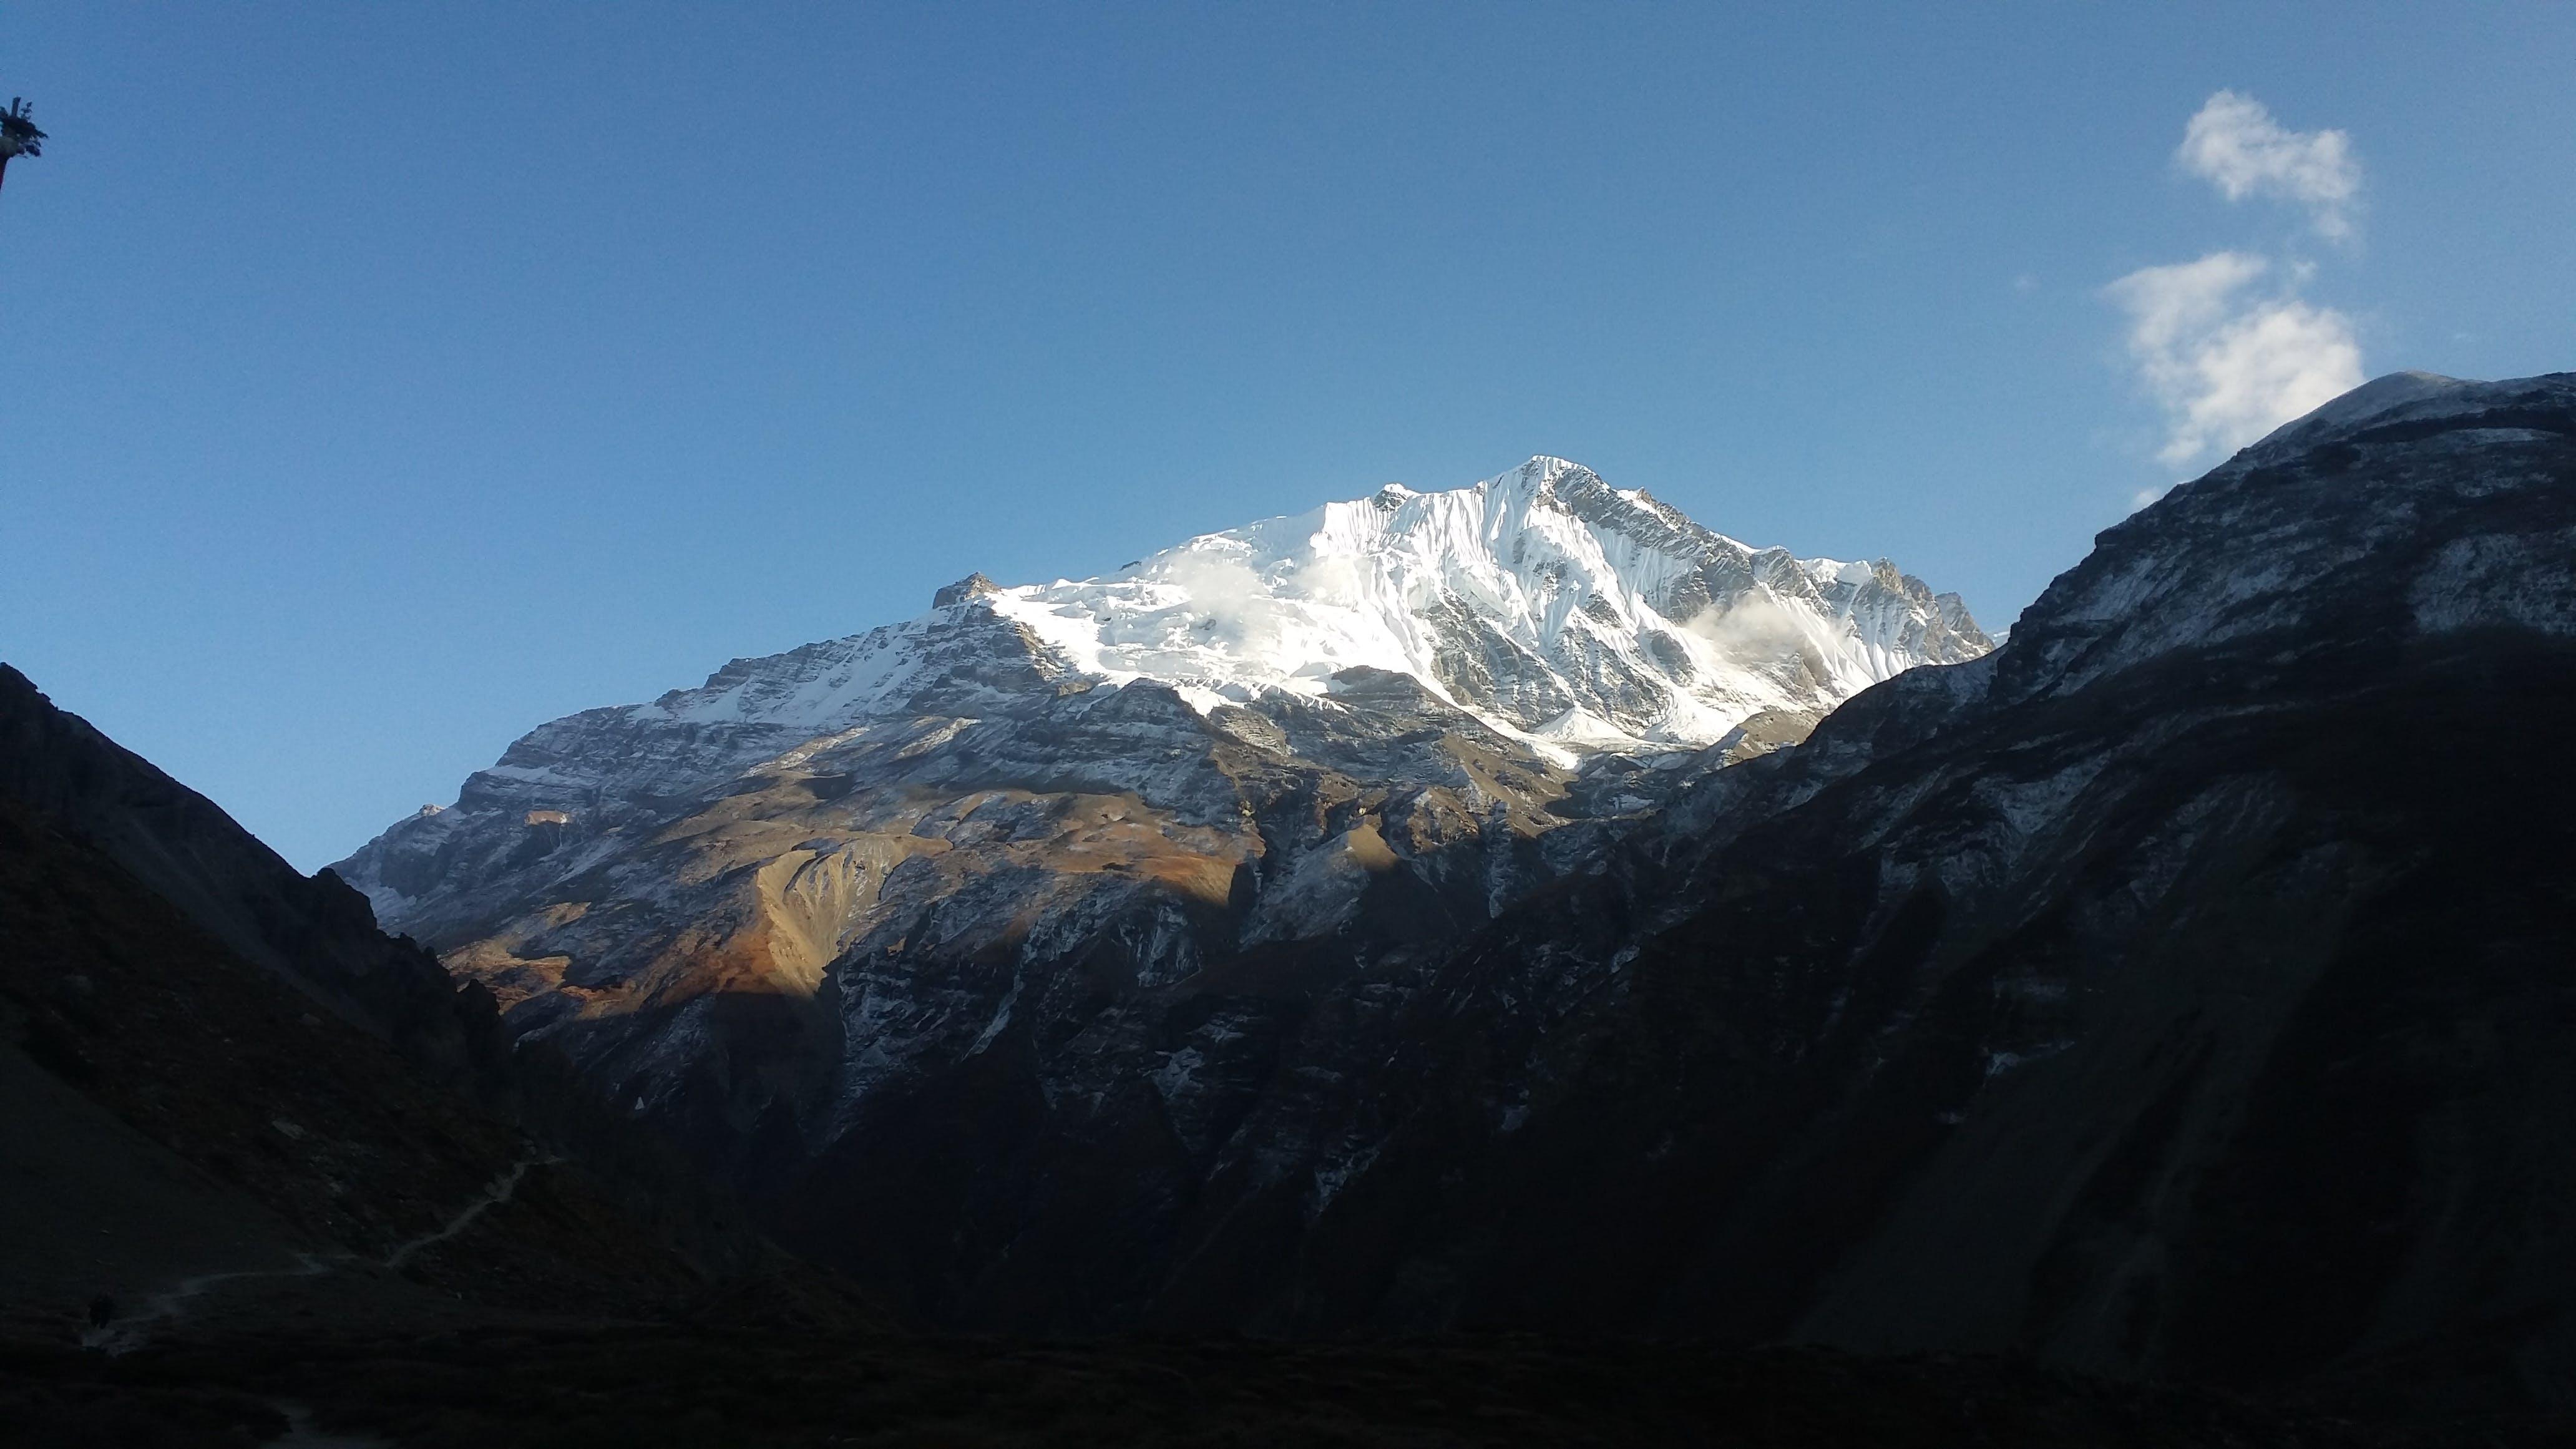 Free stock photo of snow, nature, mountain, fresh